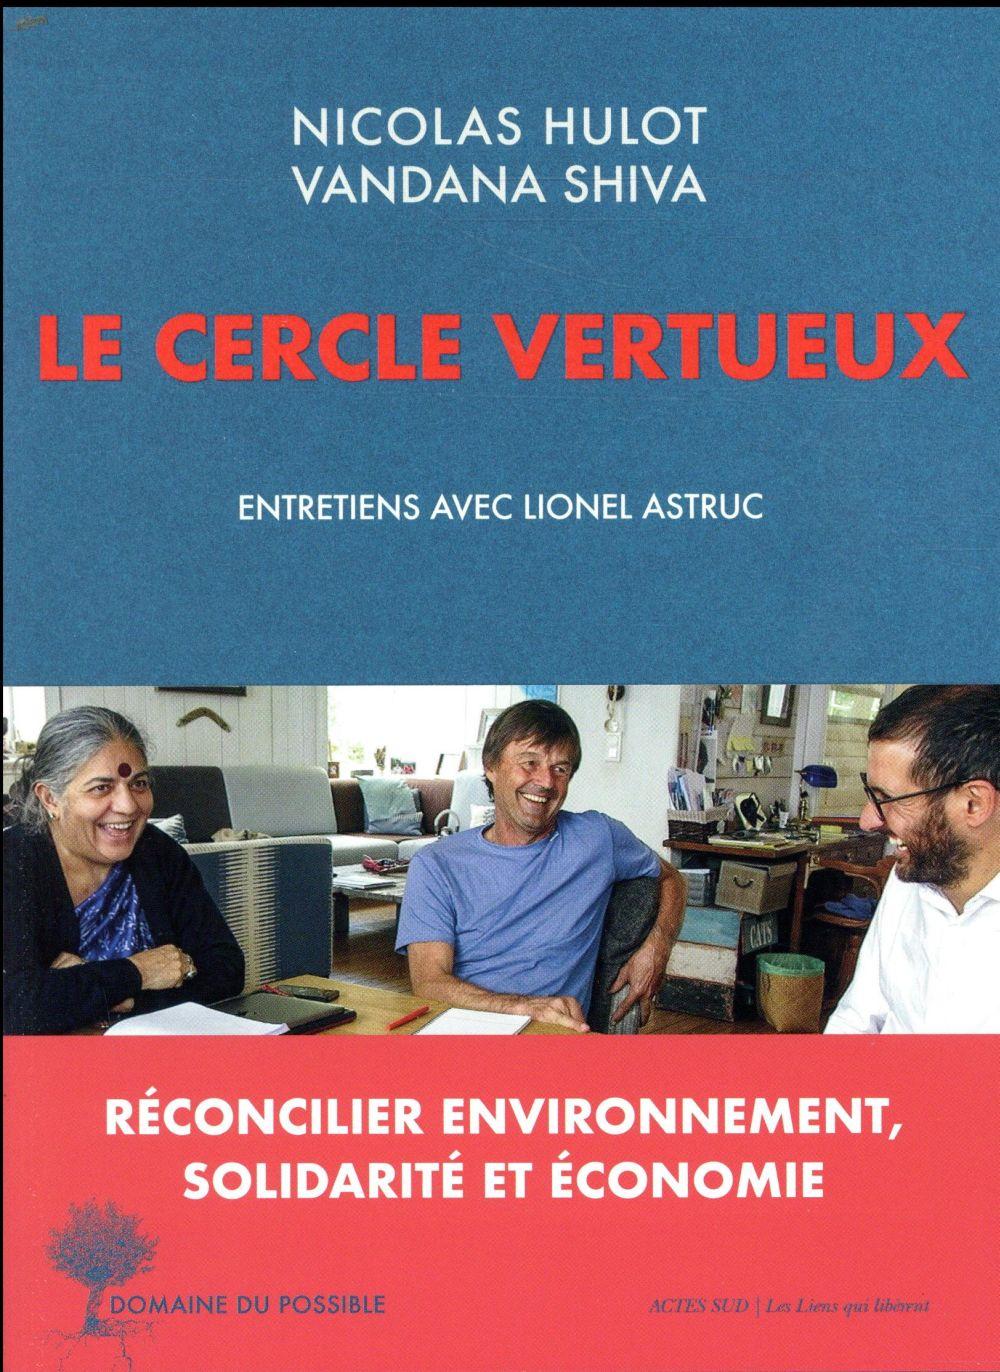 LE CERCLE VERTUEUX  -  ENTRETIENS AVEC LIONEL ASTRUC HULOT/SHIVA/ASTRUC ACTES SUD